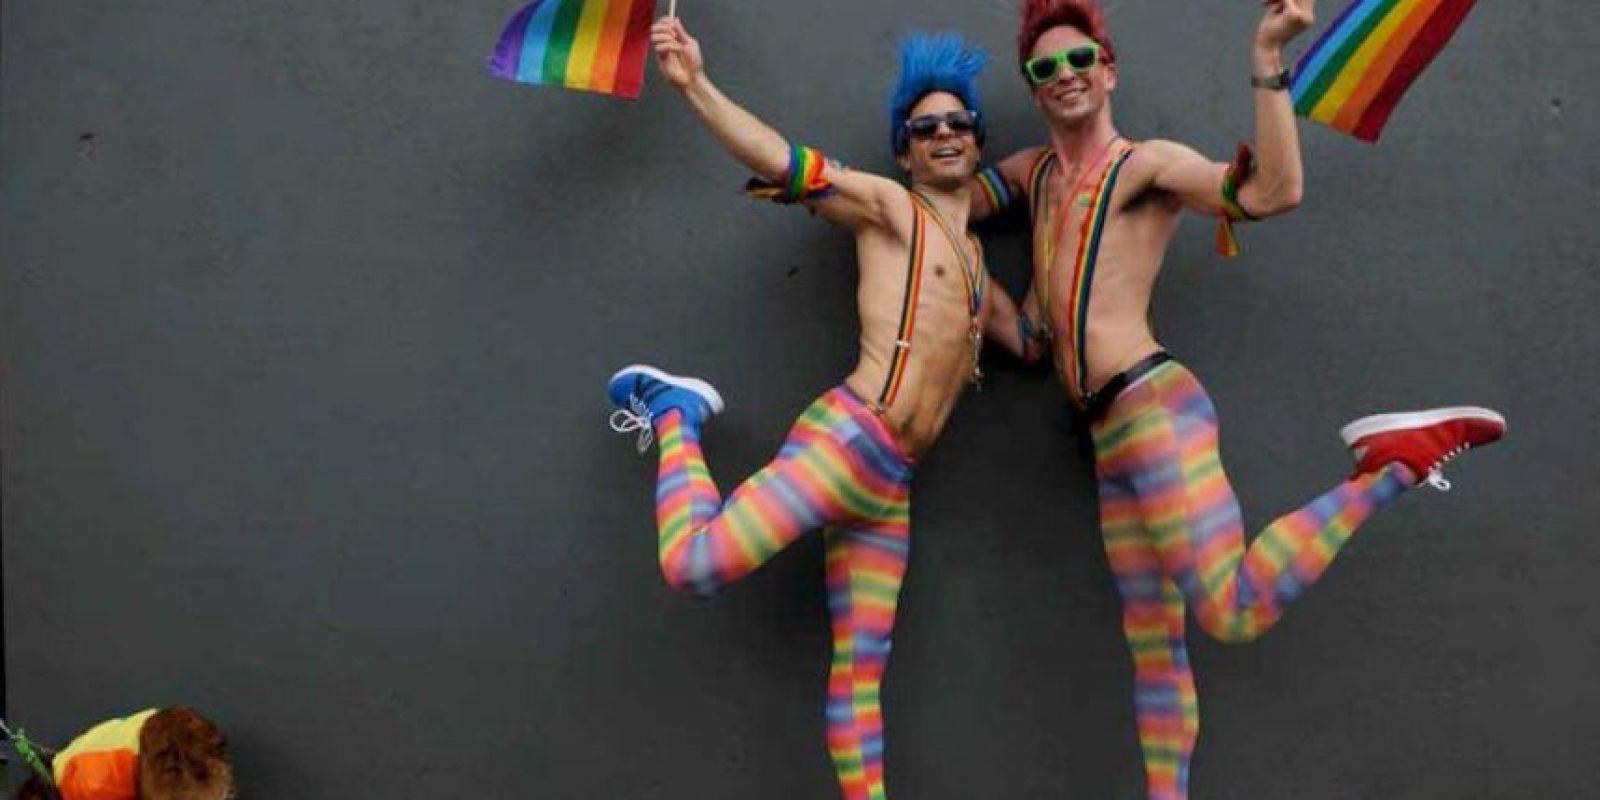 """En el """"día del Orgullo Gay"""" se realizan actos destinados a la tolerancia e igualdad de los derechos de la comunidad. Foto:Getty Images. Imagen Por:"""